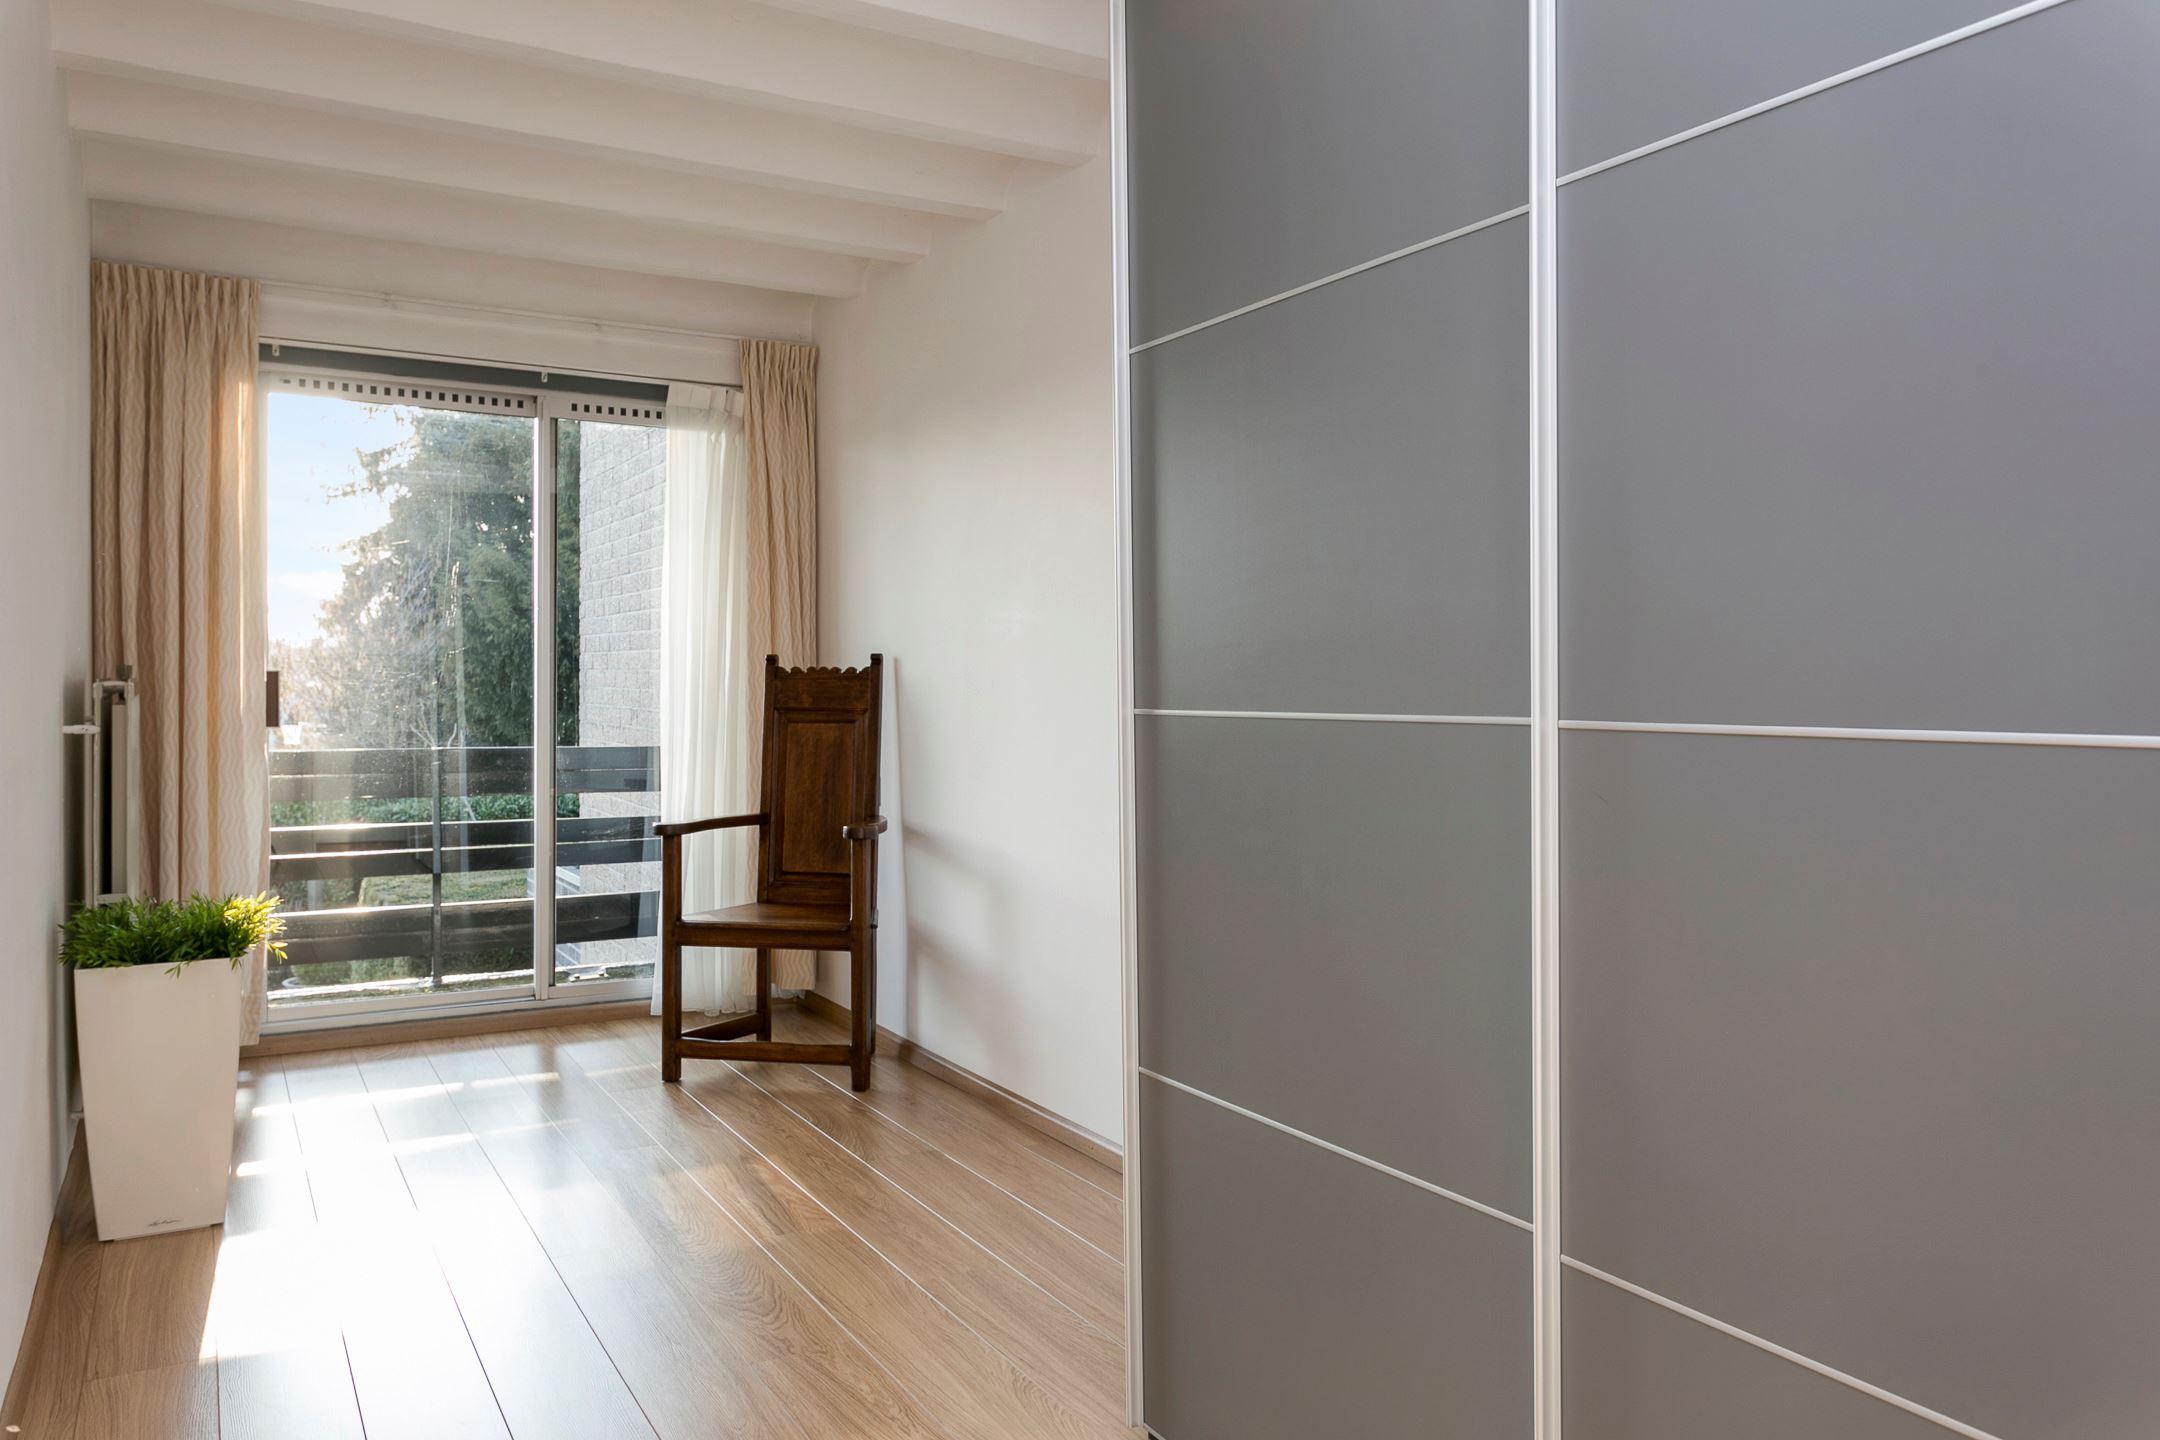 Verkocht schout offermanstraat 87 6042 xr roermond funda for Huis tuin roermond